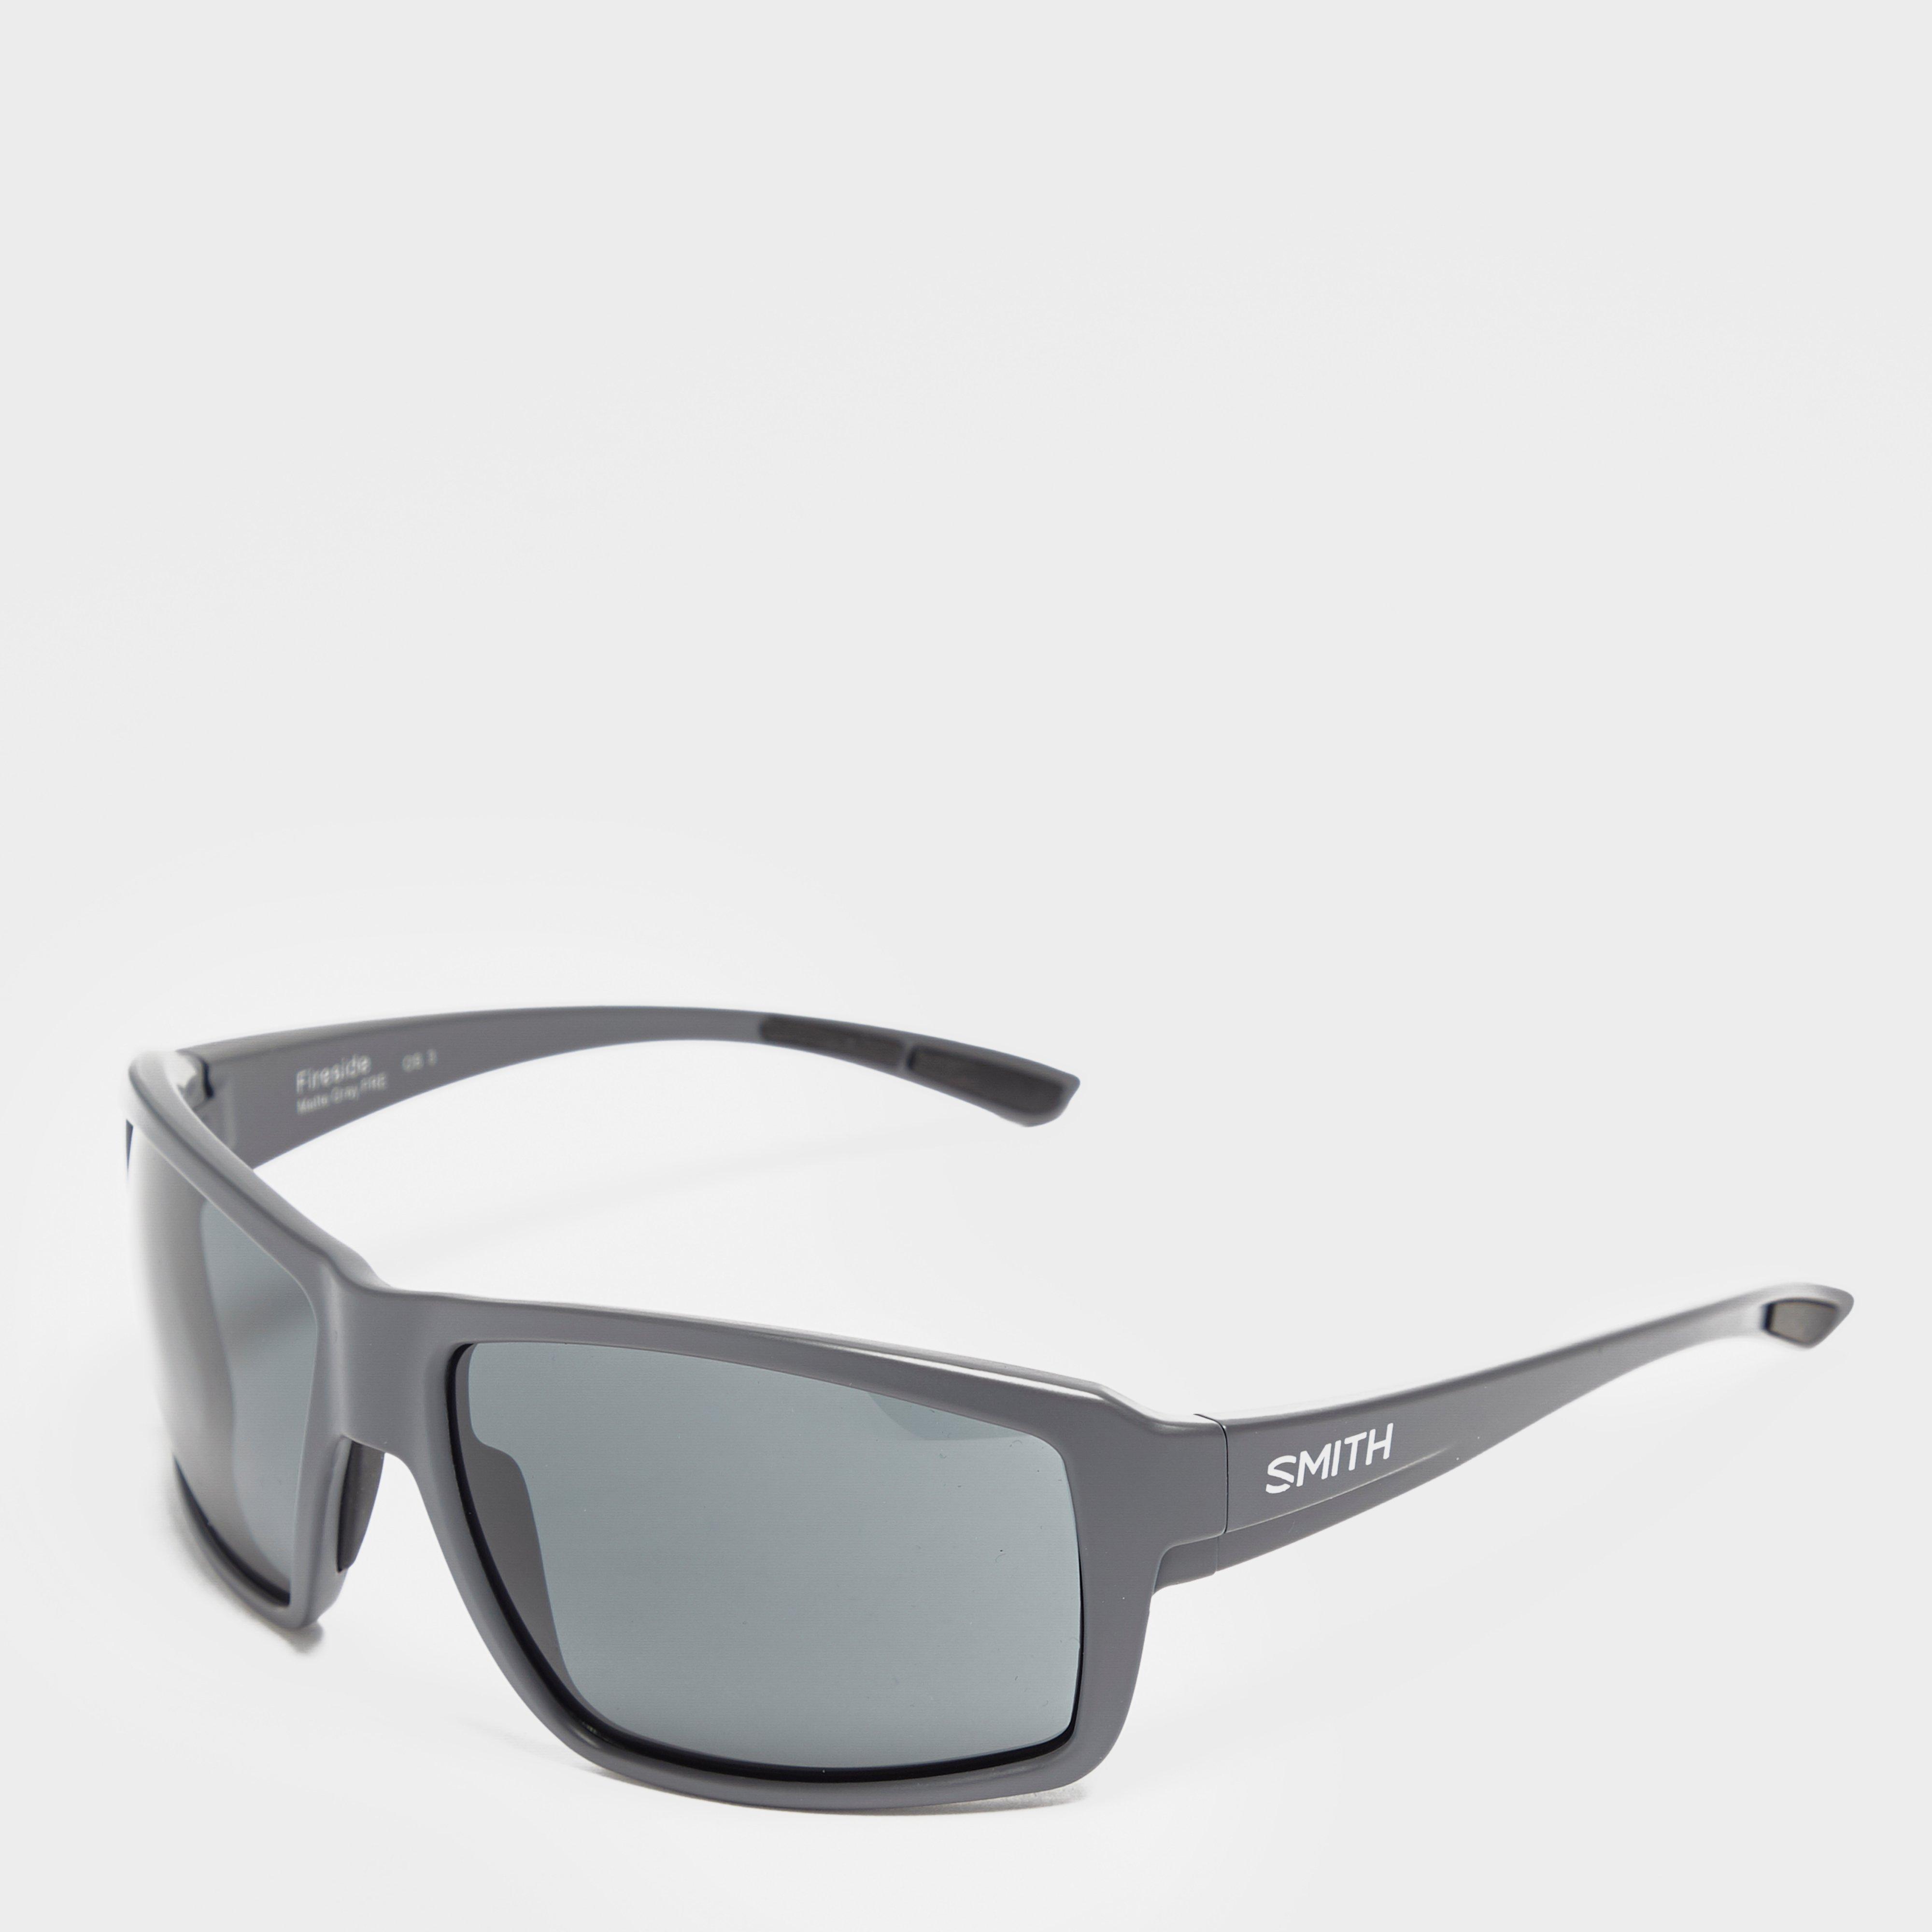 Smith Men's Fireside Sunglasses, Grey